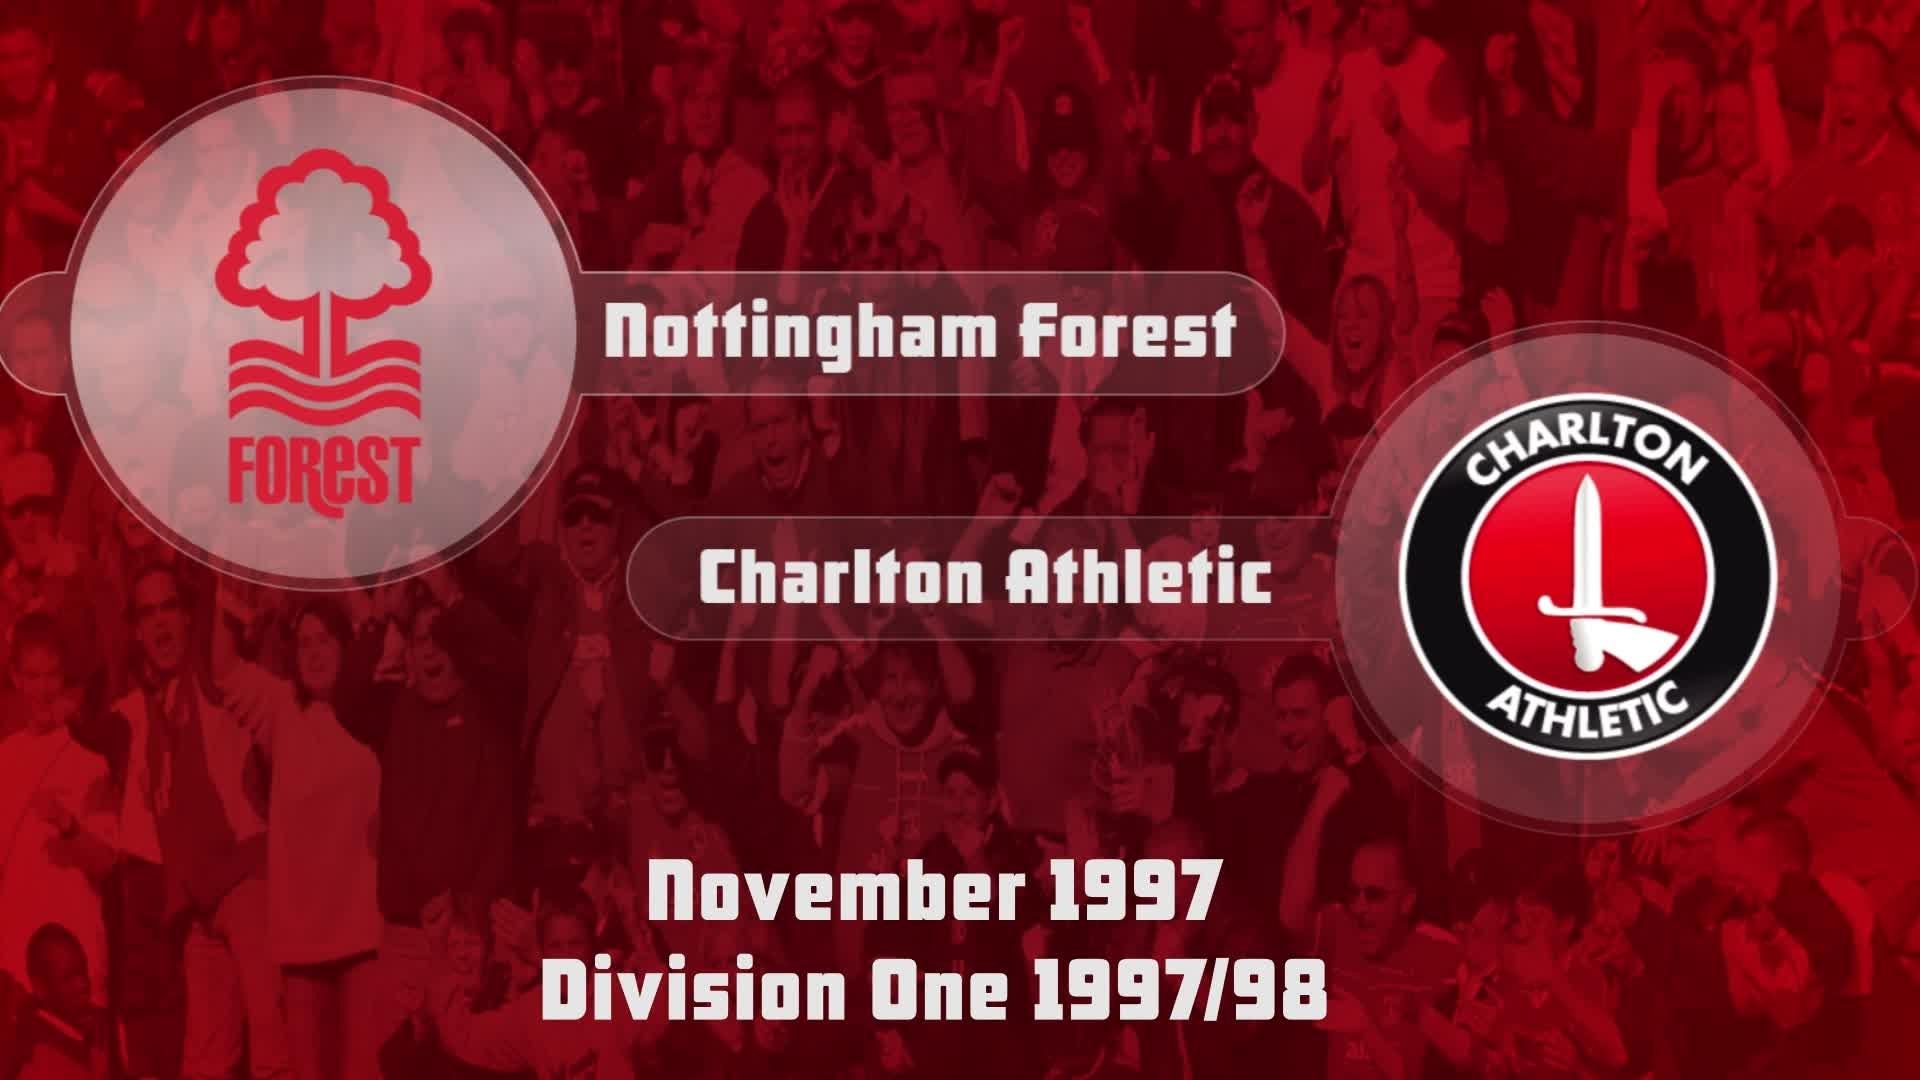 20 HIGHLIGHTS | Nottingham Forest 5 Charlton 2 (Nov 1997)